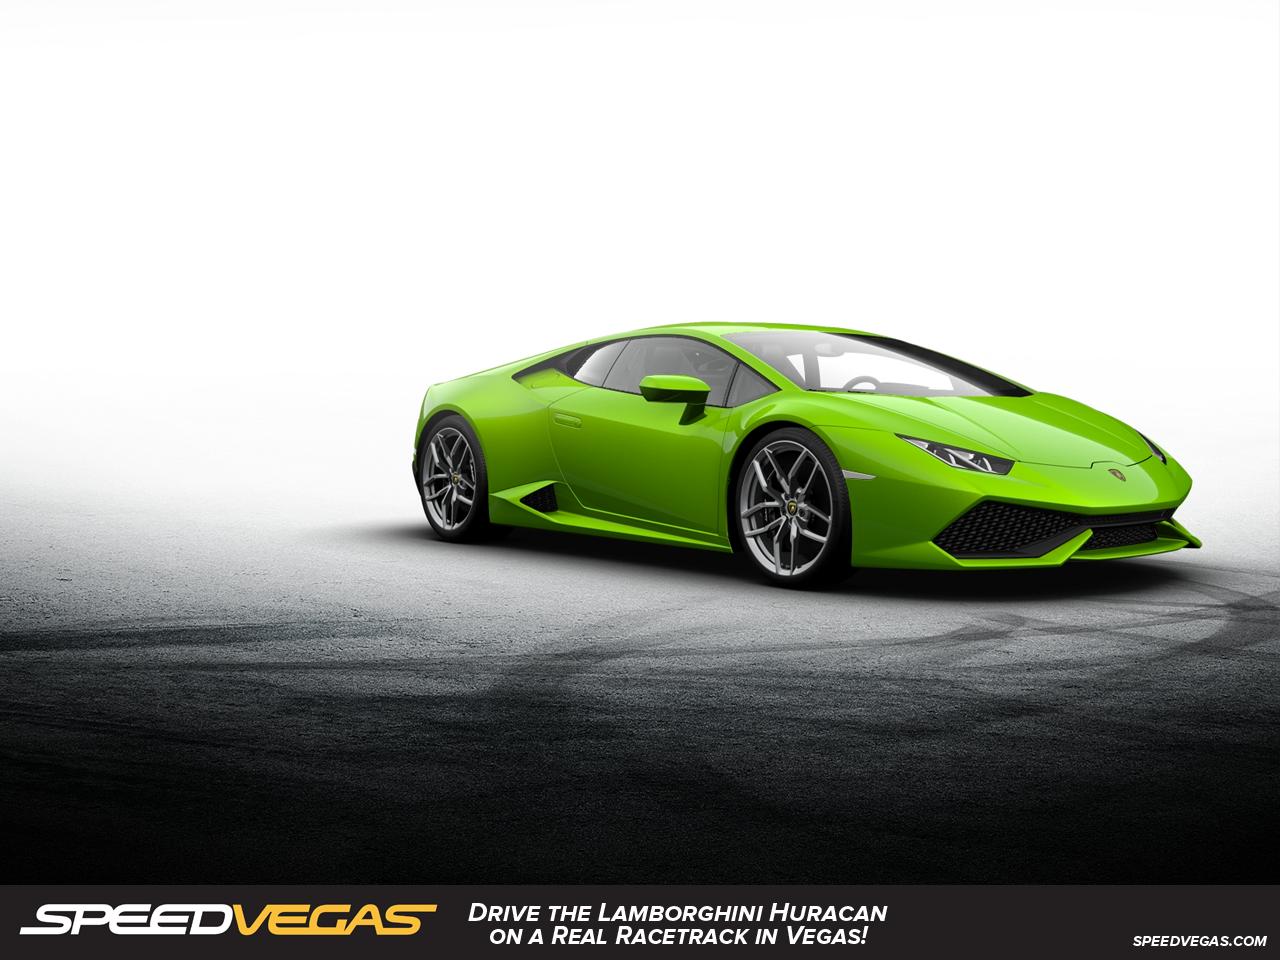 Drive a Lamborghini Huracan in Las Vegas: Lamborghini ...